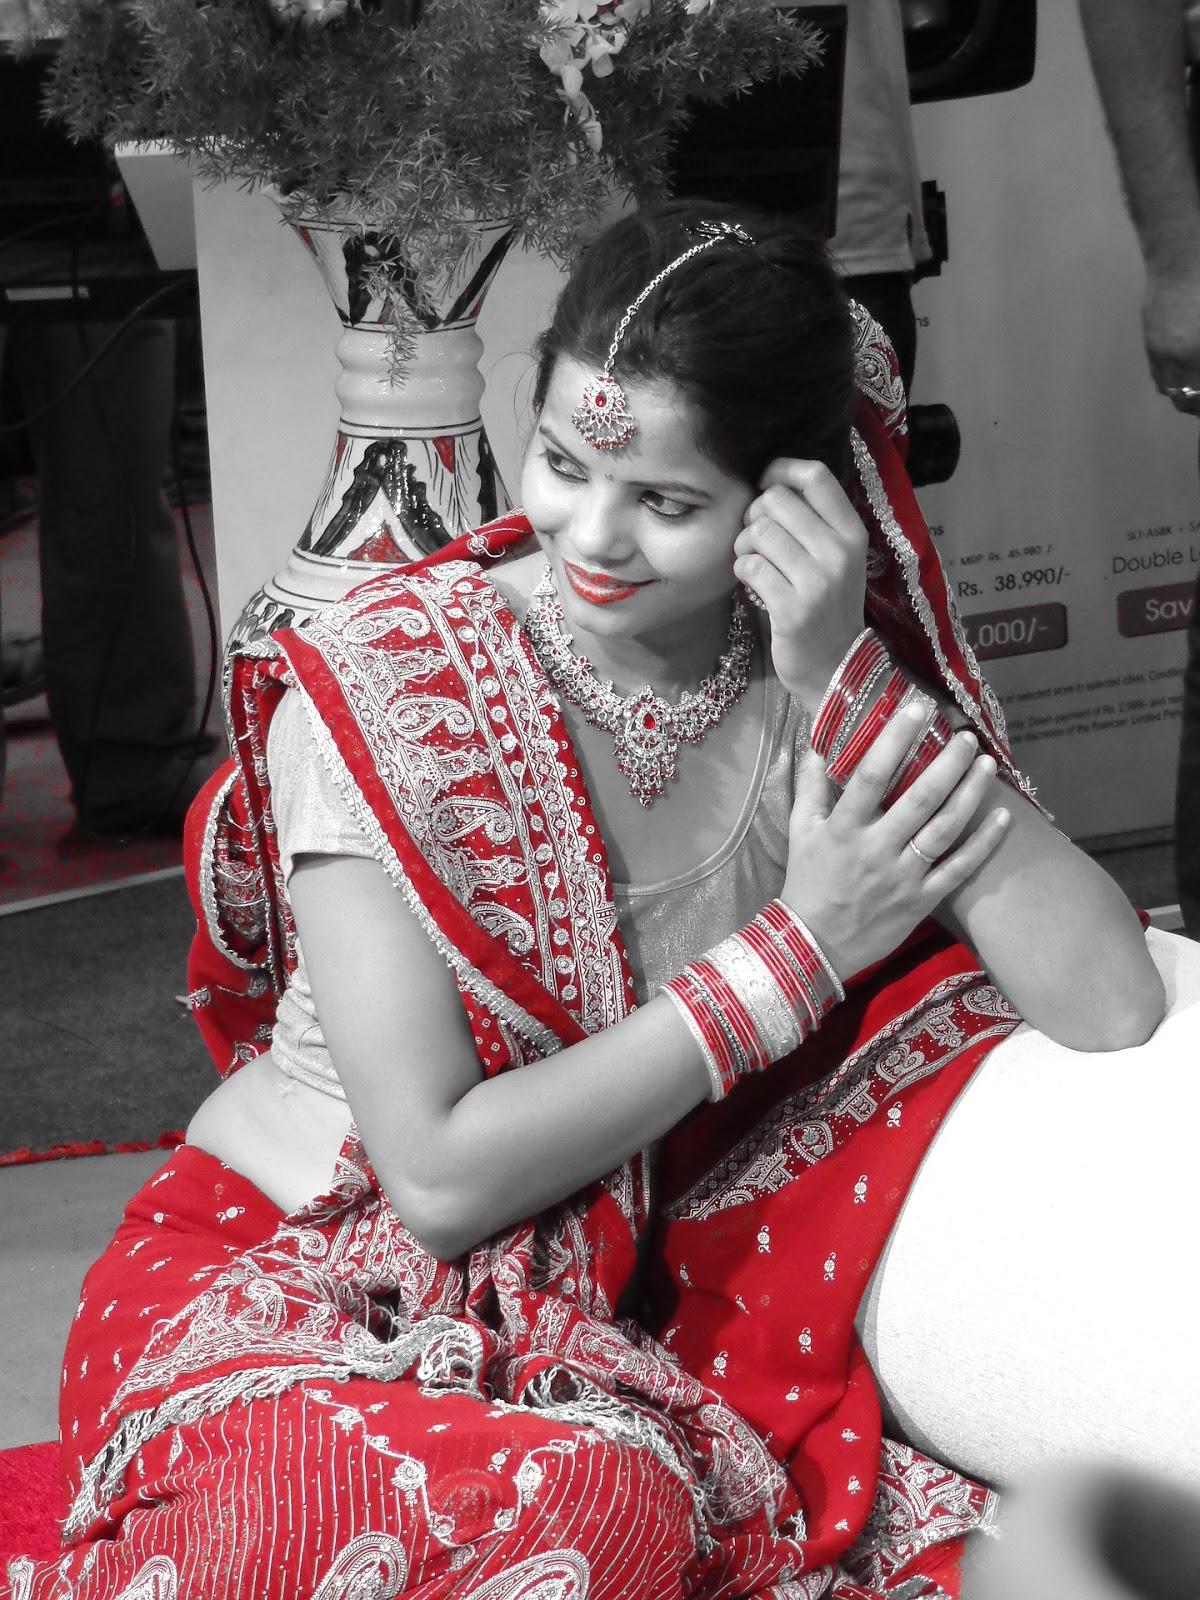 ನನ್ನ ಪ್ರೇಯಸಿ : ಪ್ರೇಮ ಕಾವ್ಯ  #  love Poetry